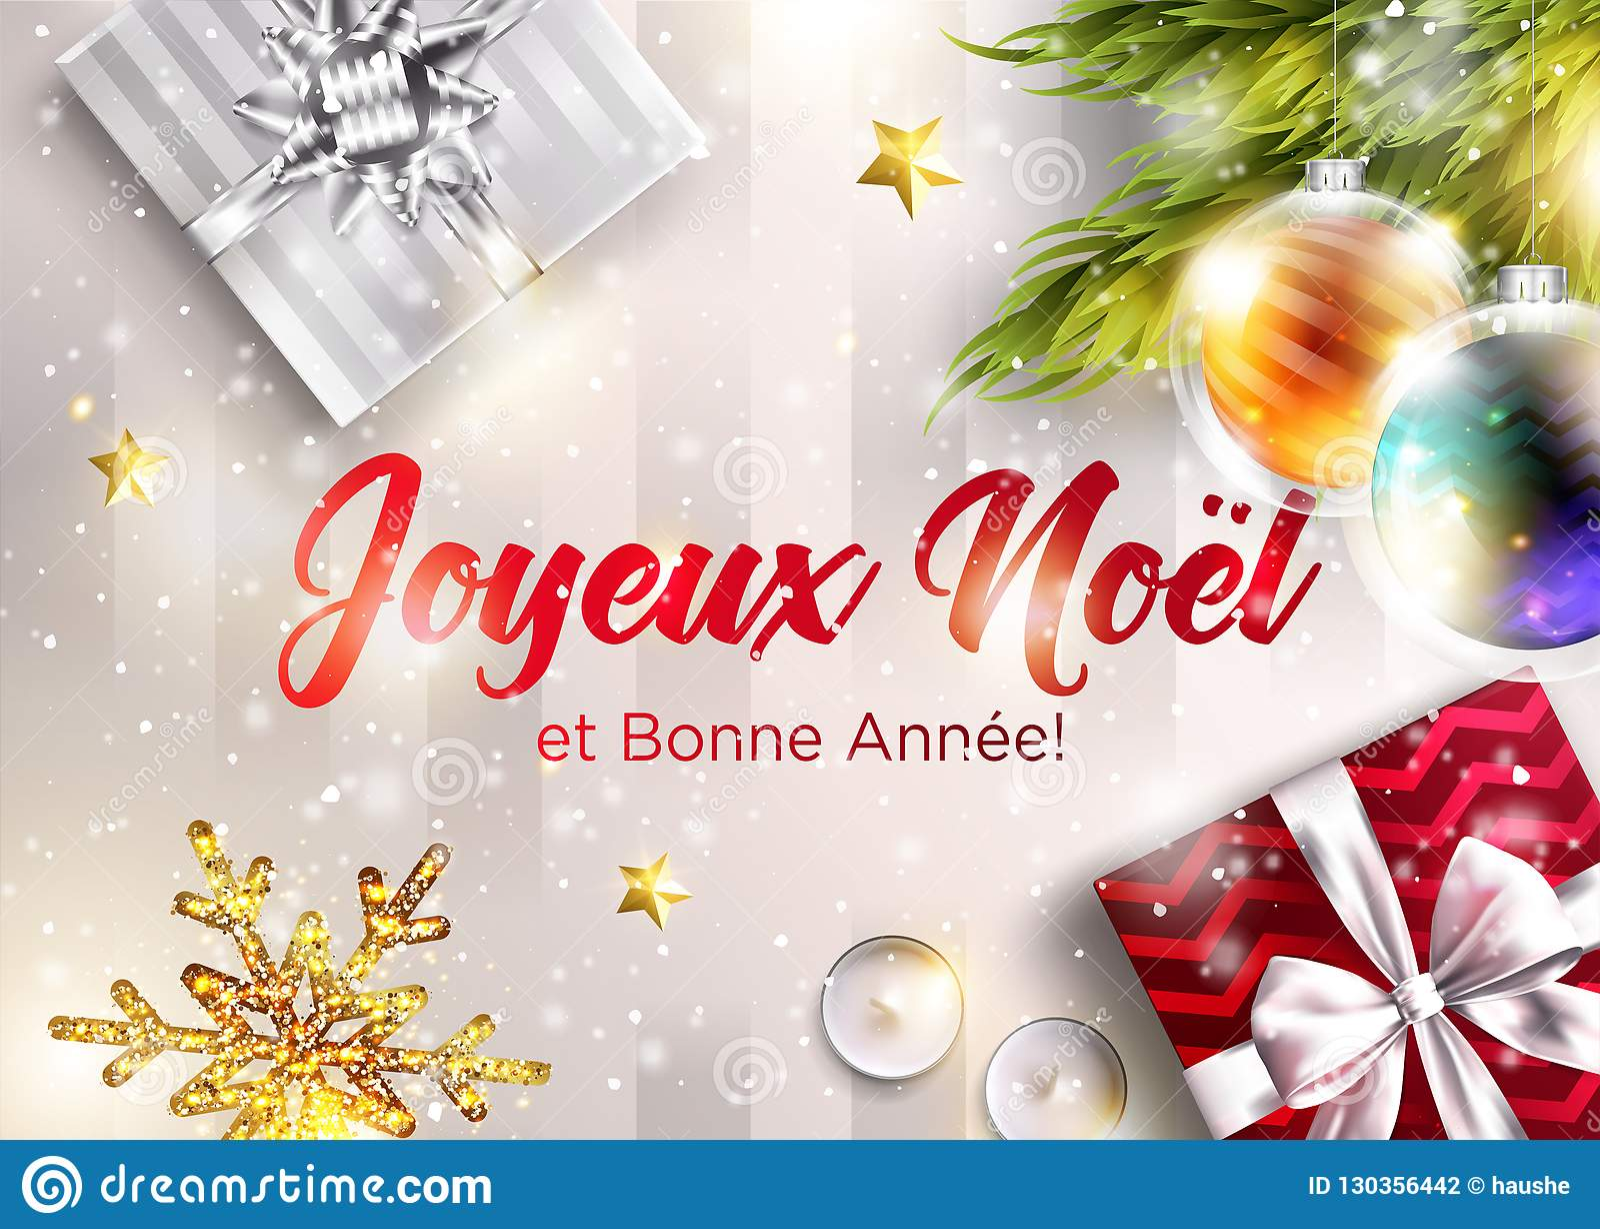 Frohe Weihnachten Einen Guten Rutsch Ins Neue Jahr.Joyeux Noel Und Bonne Annee Frohe Weihnachten Und Guten Rutsch Ins